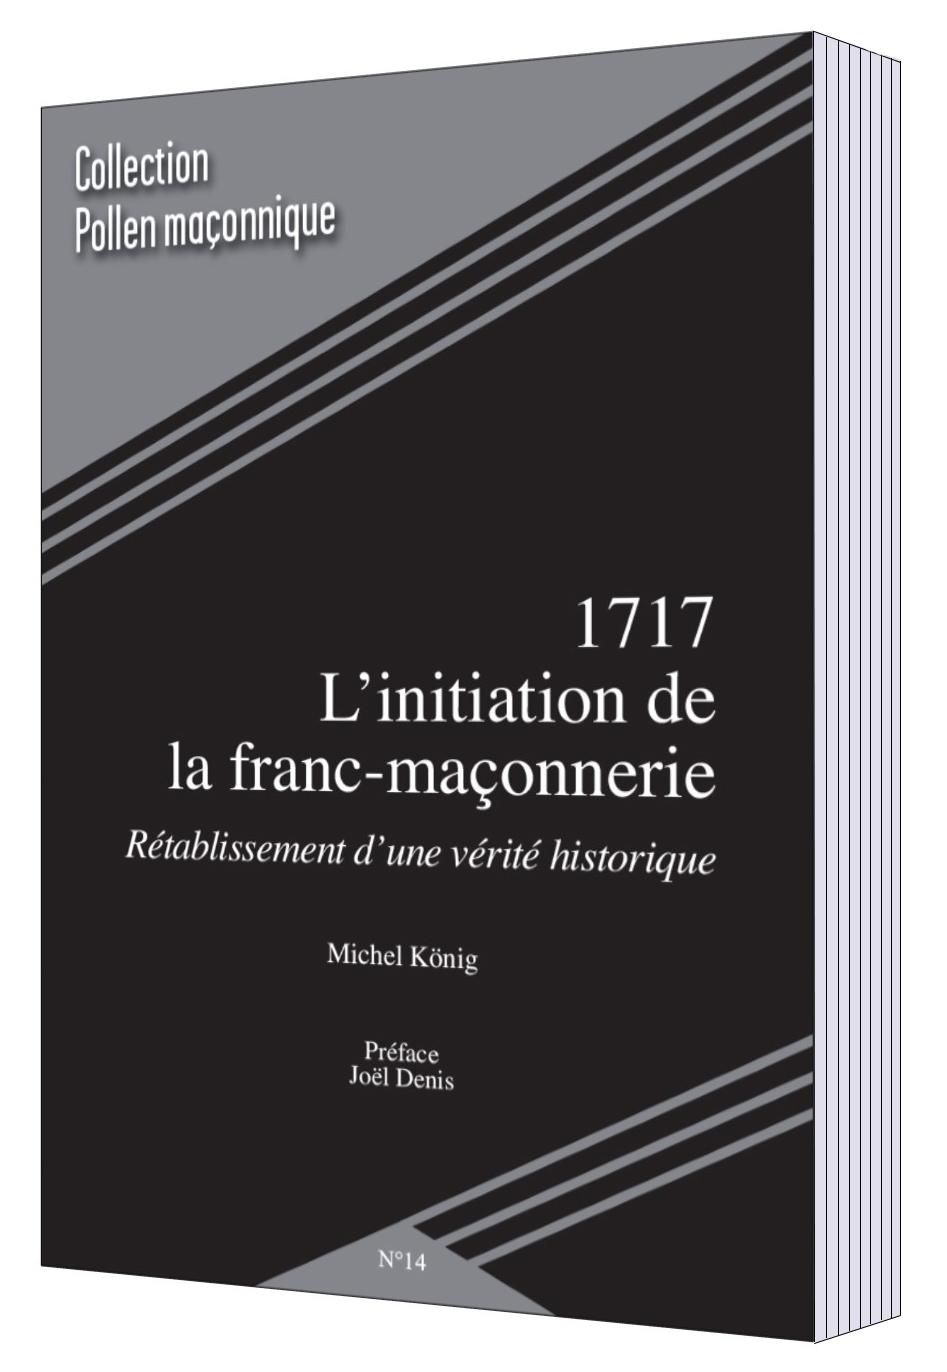 N°14 - 1717 : L'initiation de la franc-maçonnerie / Rétablissement d'une vérité historique